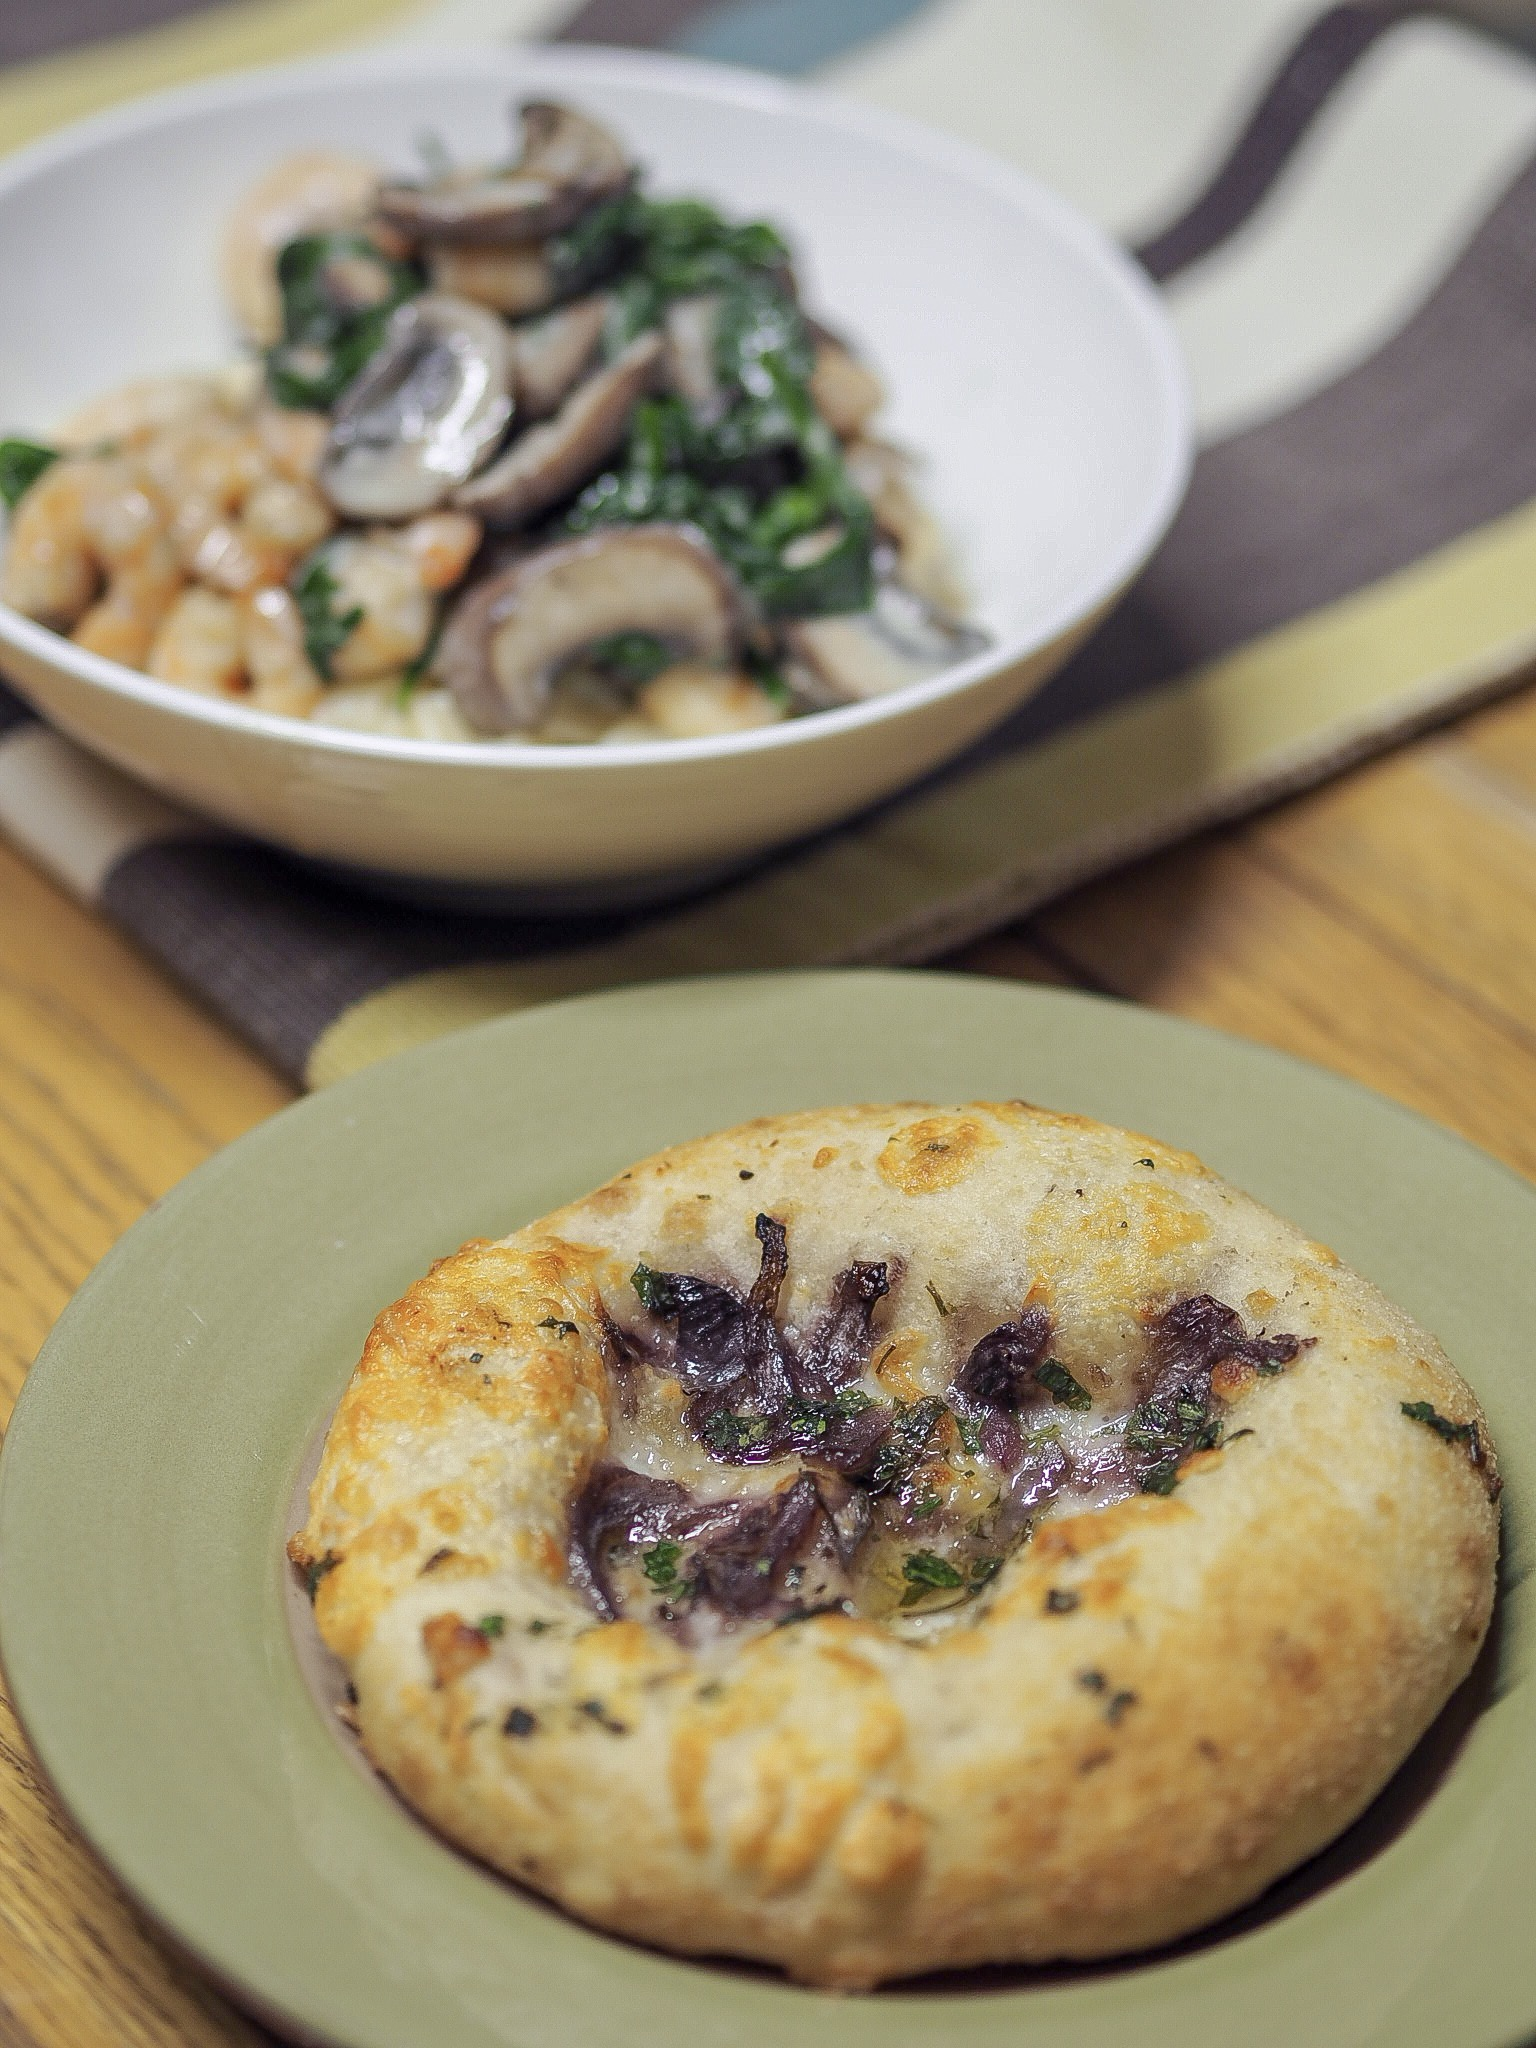 slimming world creamy mushroom and prawn pasta